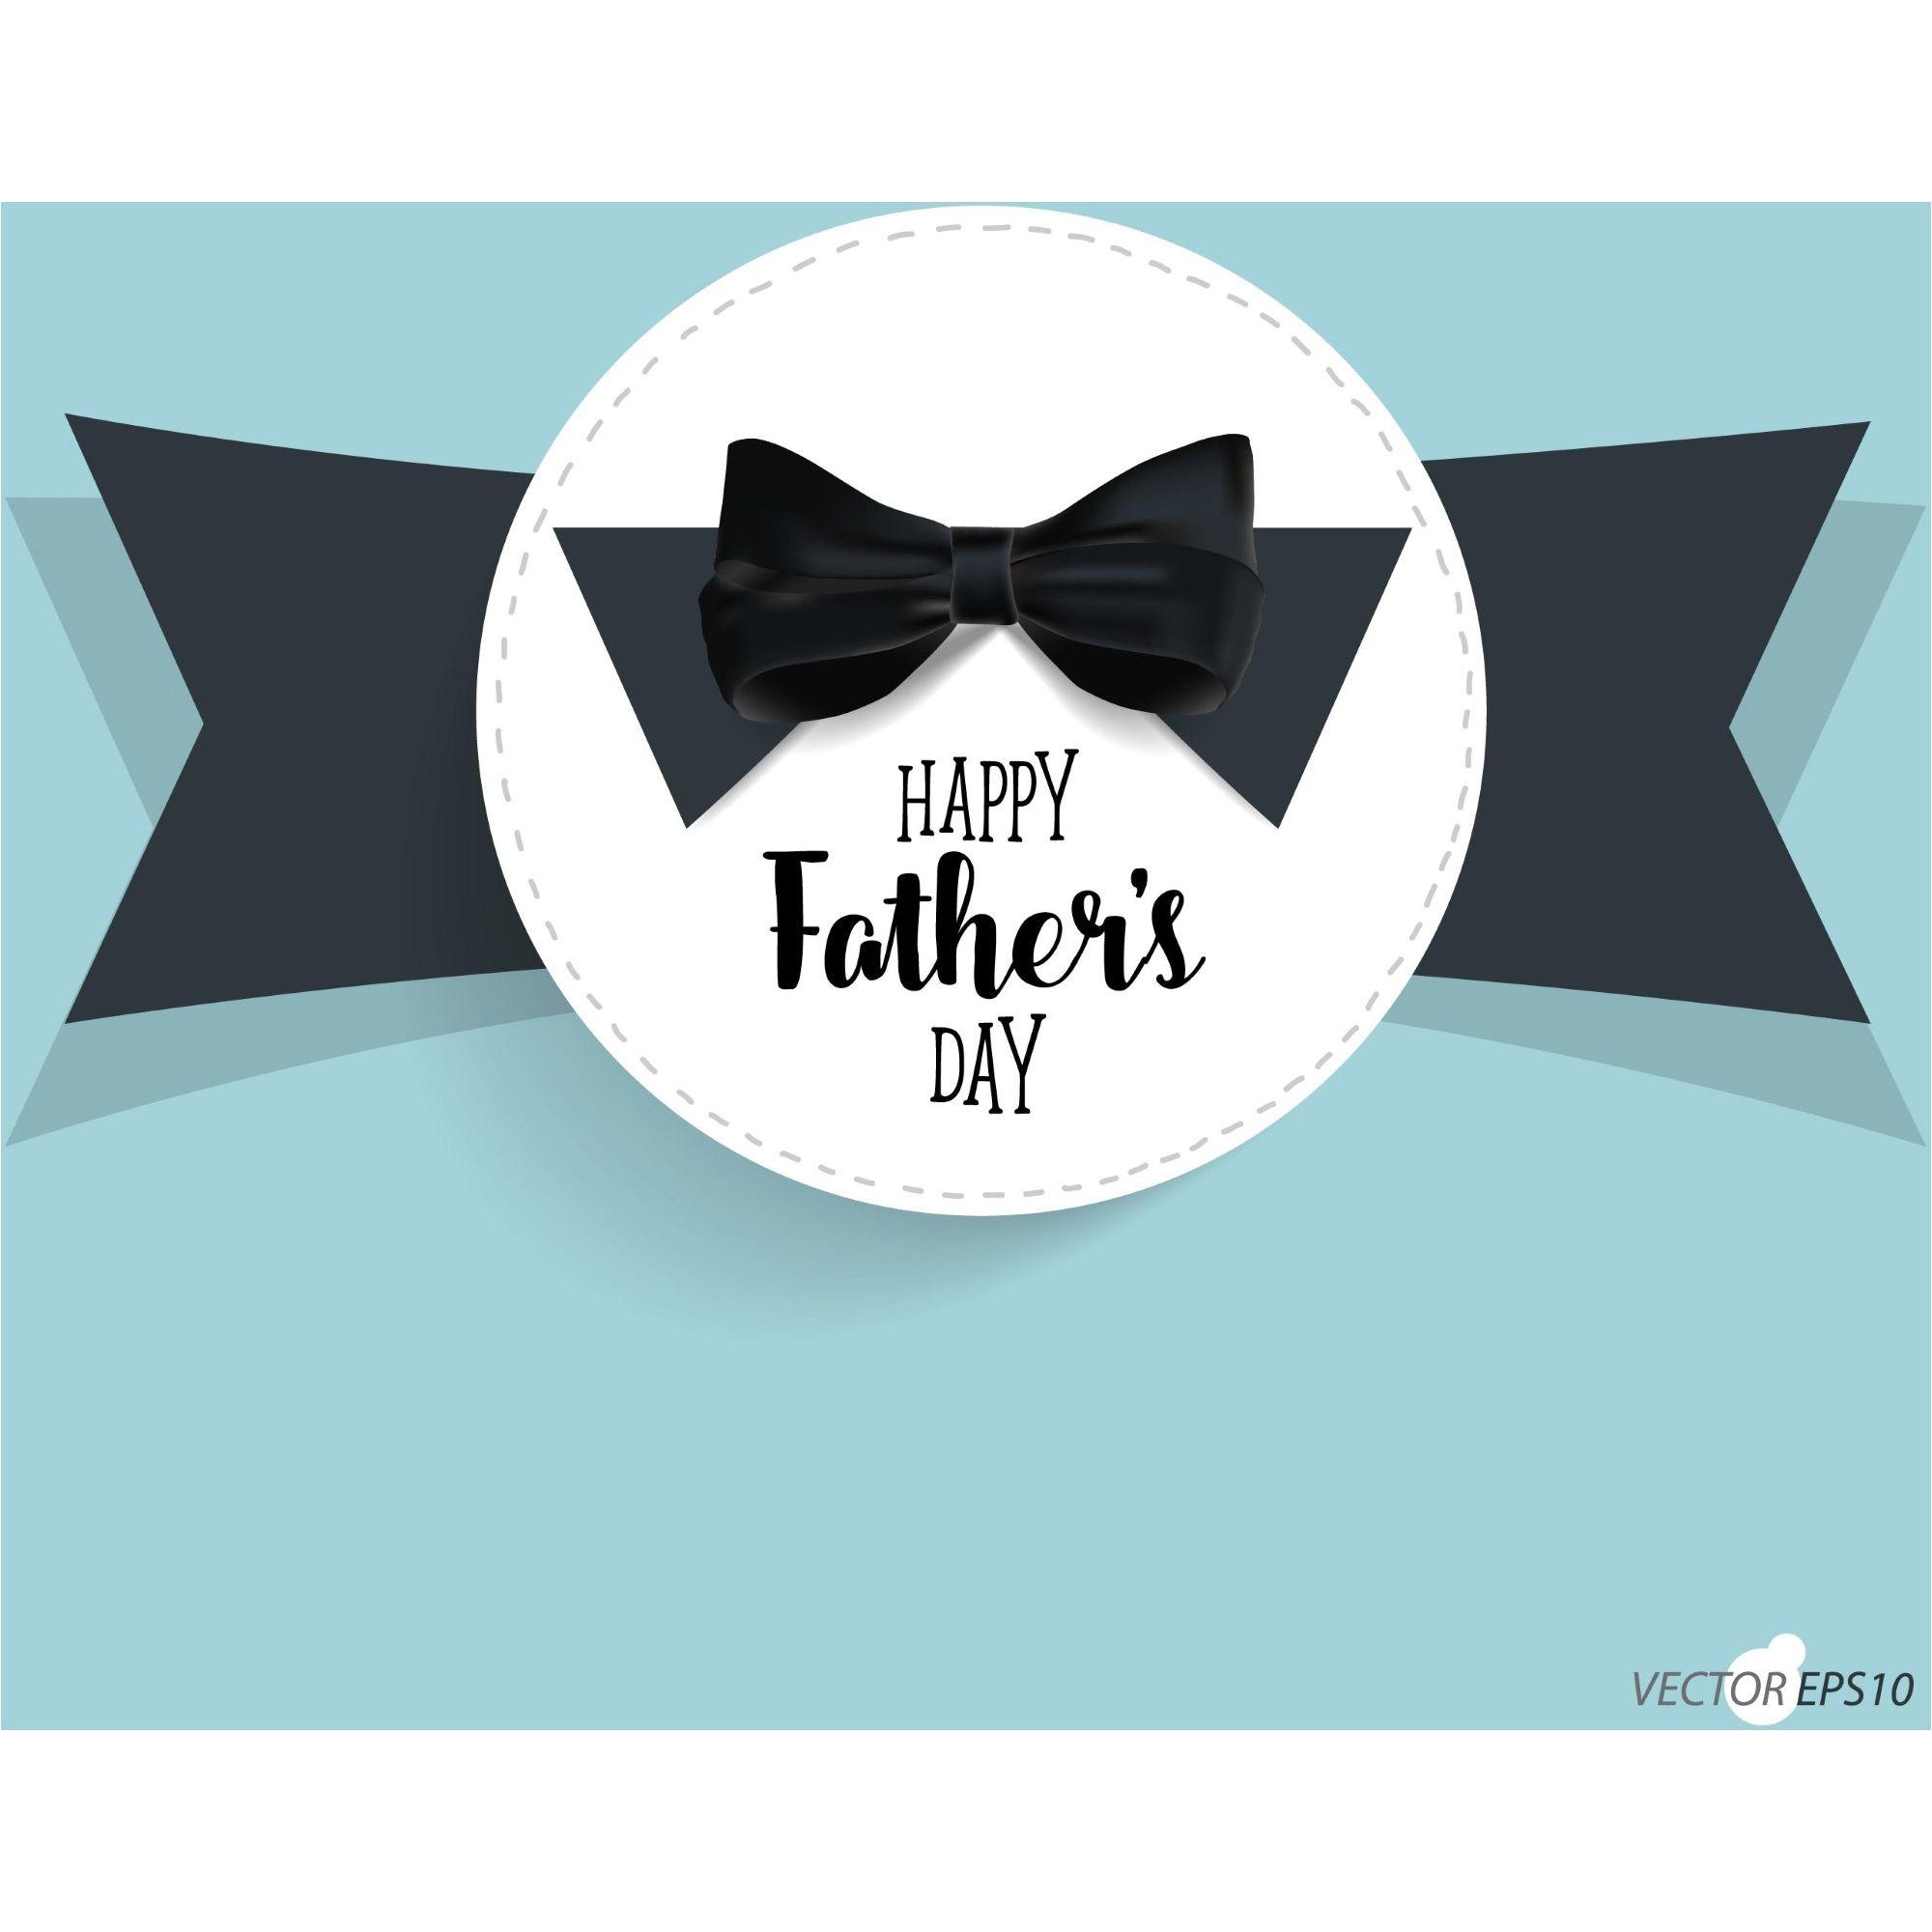 Happy Fatheru0027s Day With Black Tie Background